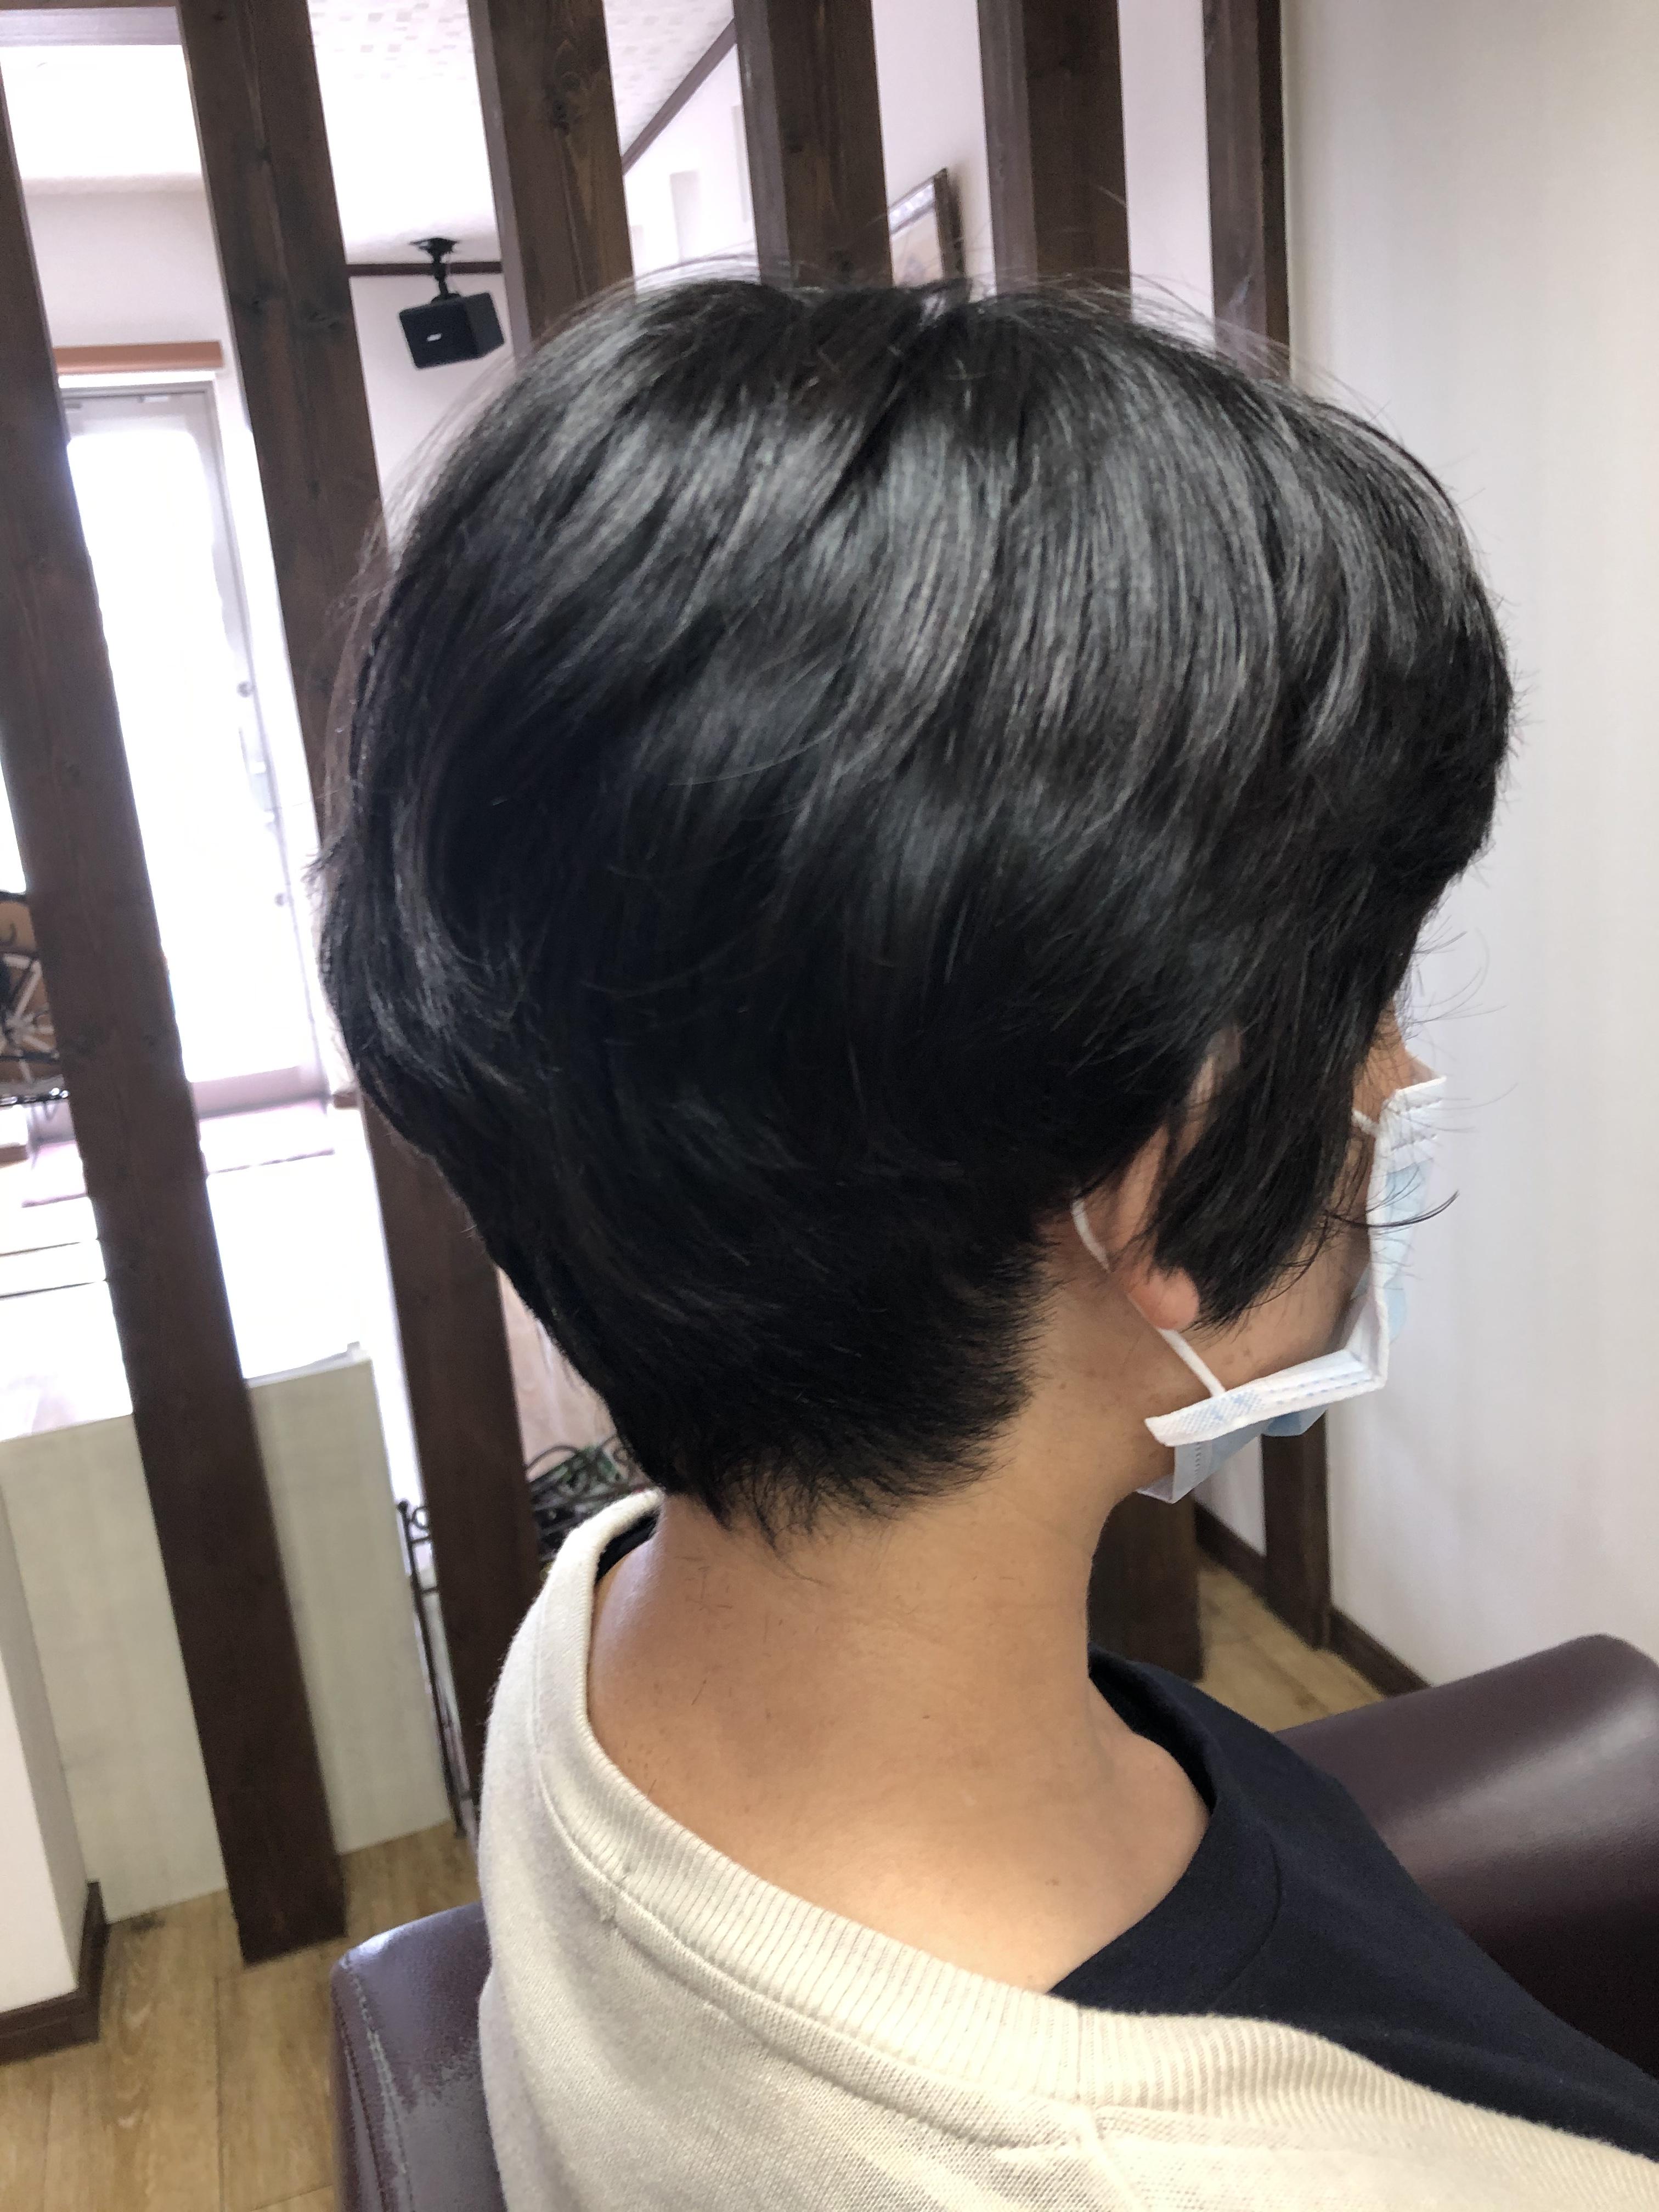 くせ毛をいかしたショートスタイル 阿南市 羽ノ浦 美容室 アーティ